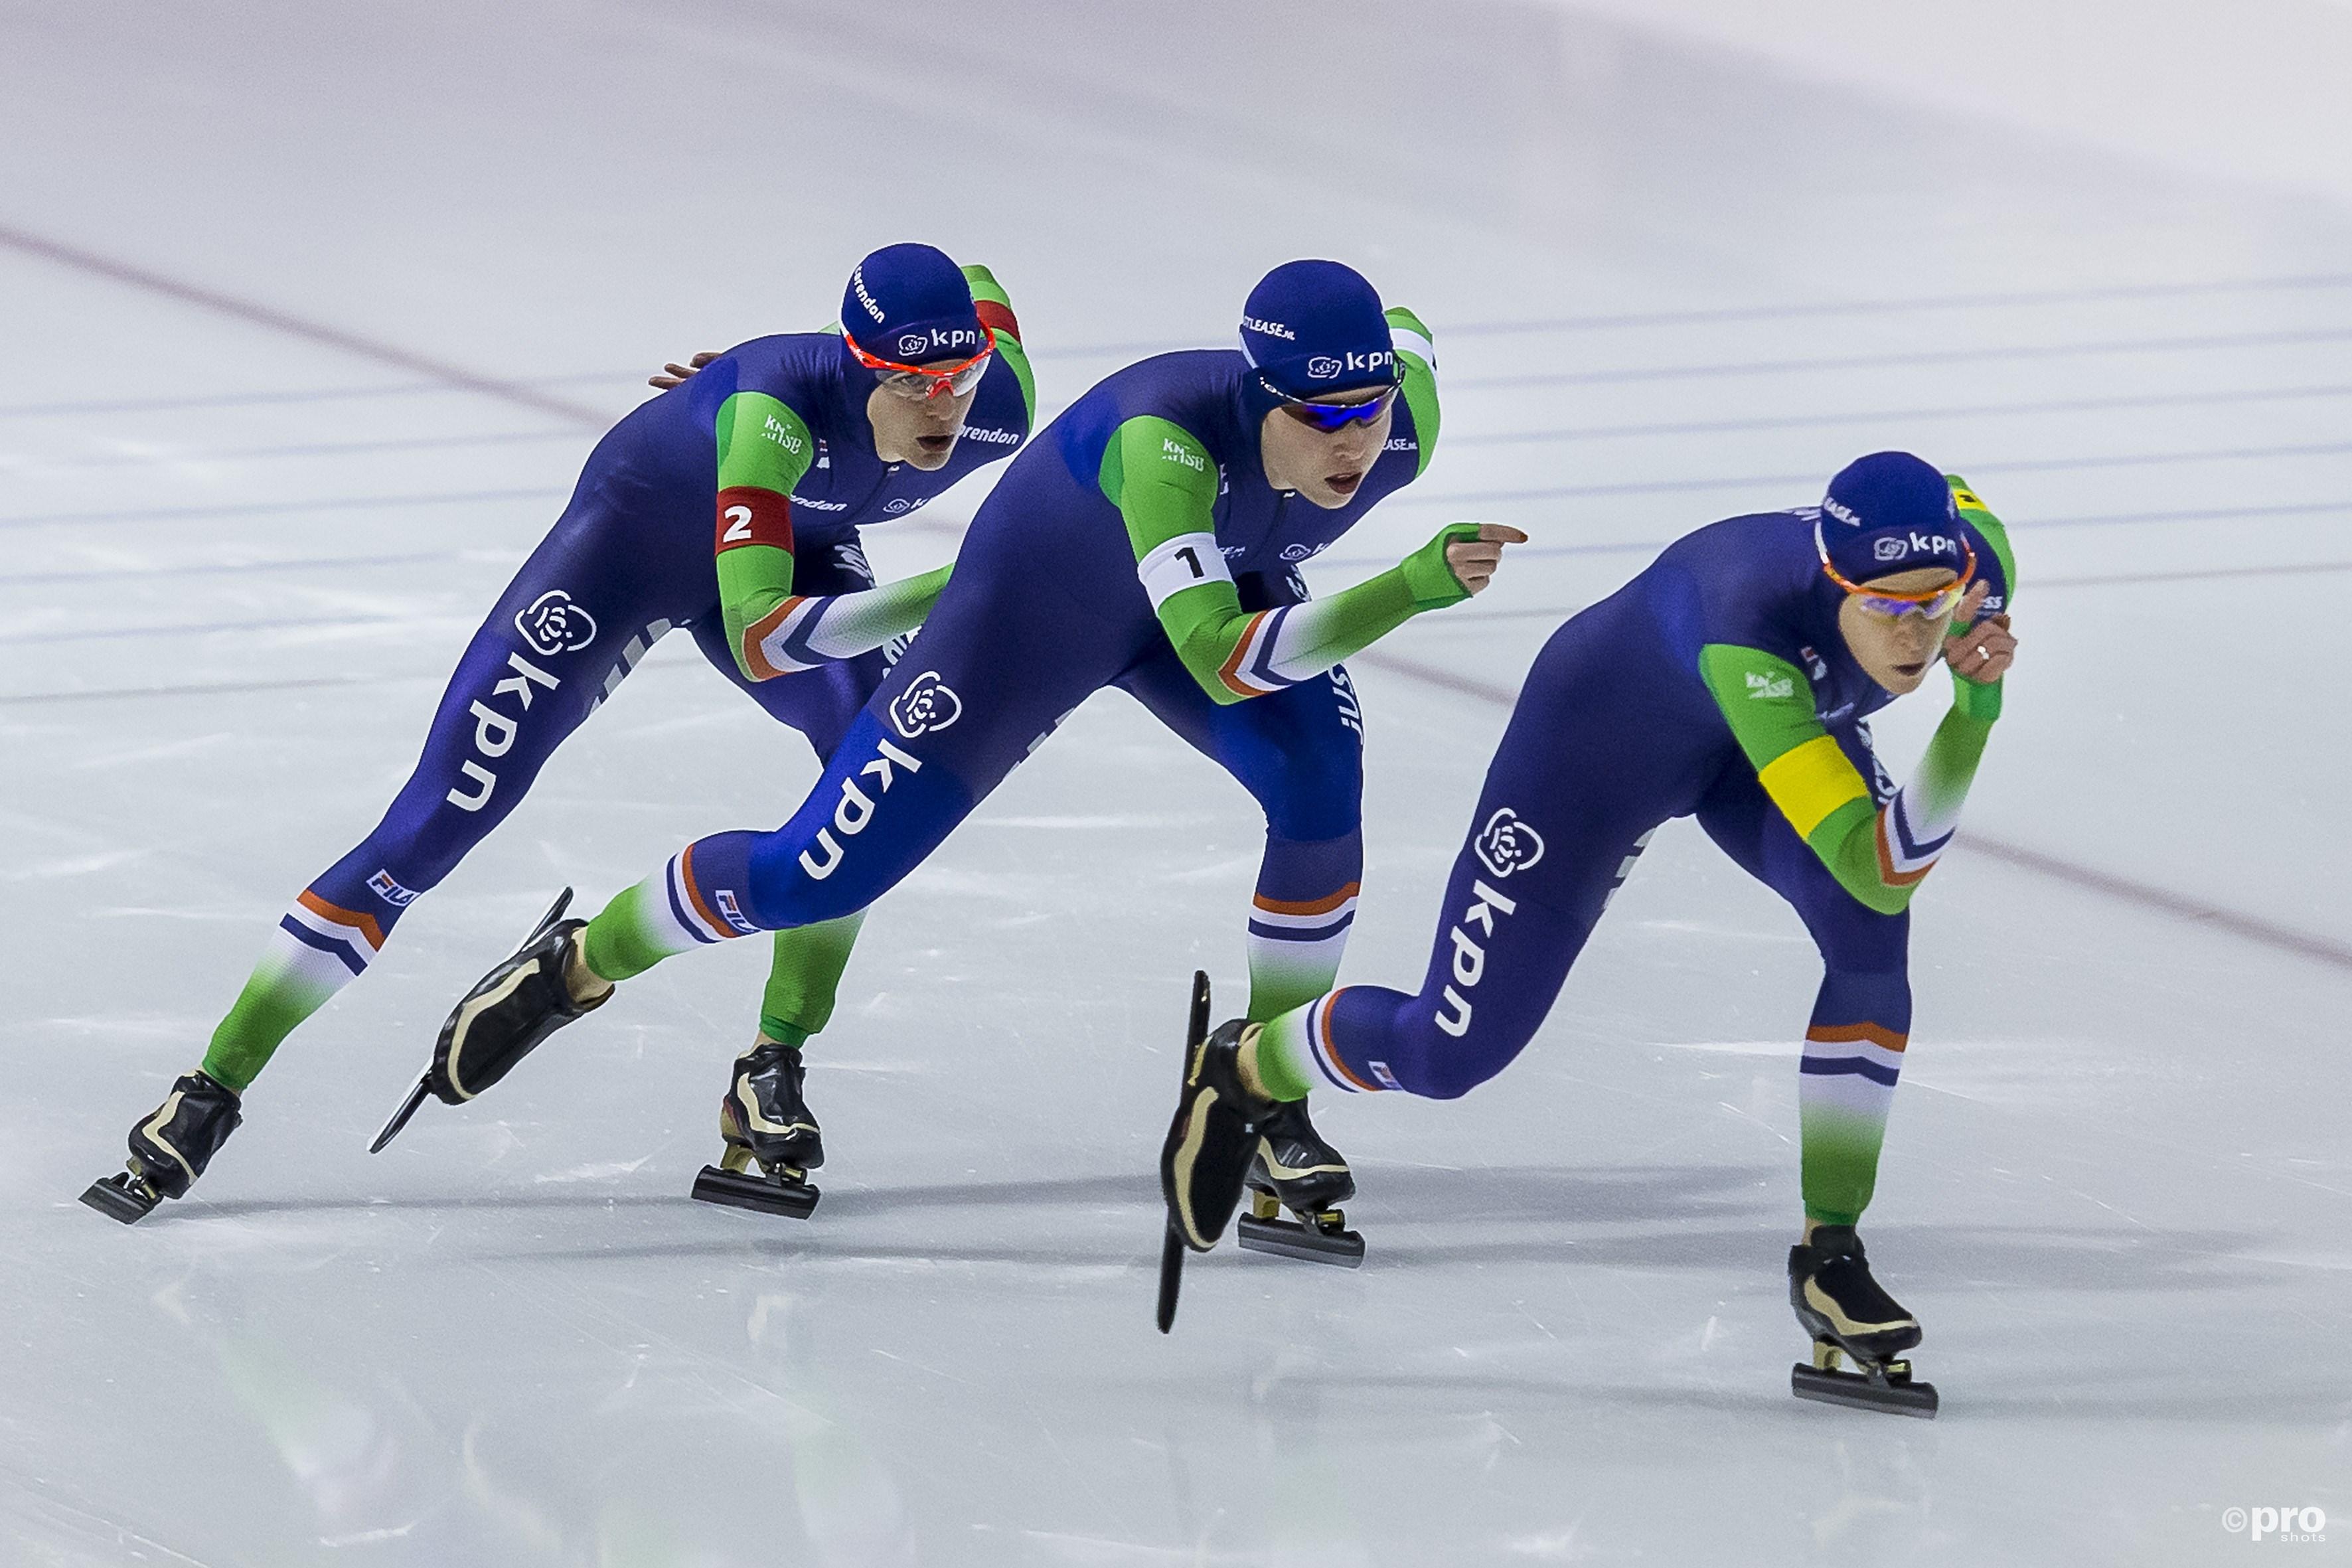 Nederland is al jaren het toonaangevende land op de ploegenachtervolging, vrijwel altijd met Ireen Wüst erbij (Pro Shots/Erik Pasman)